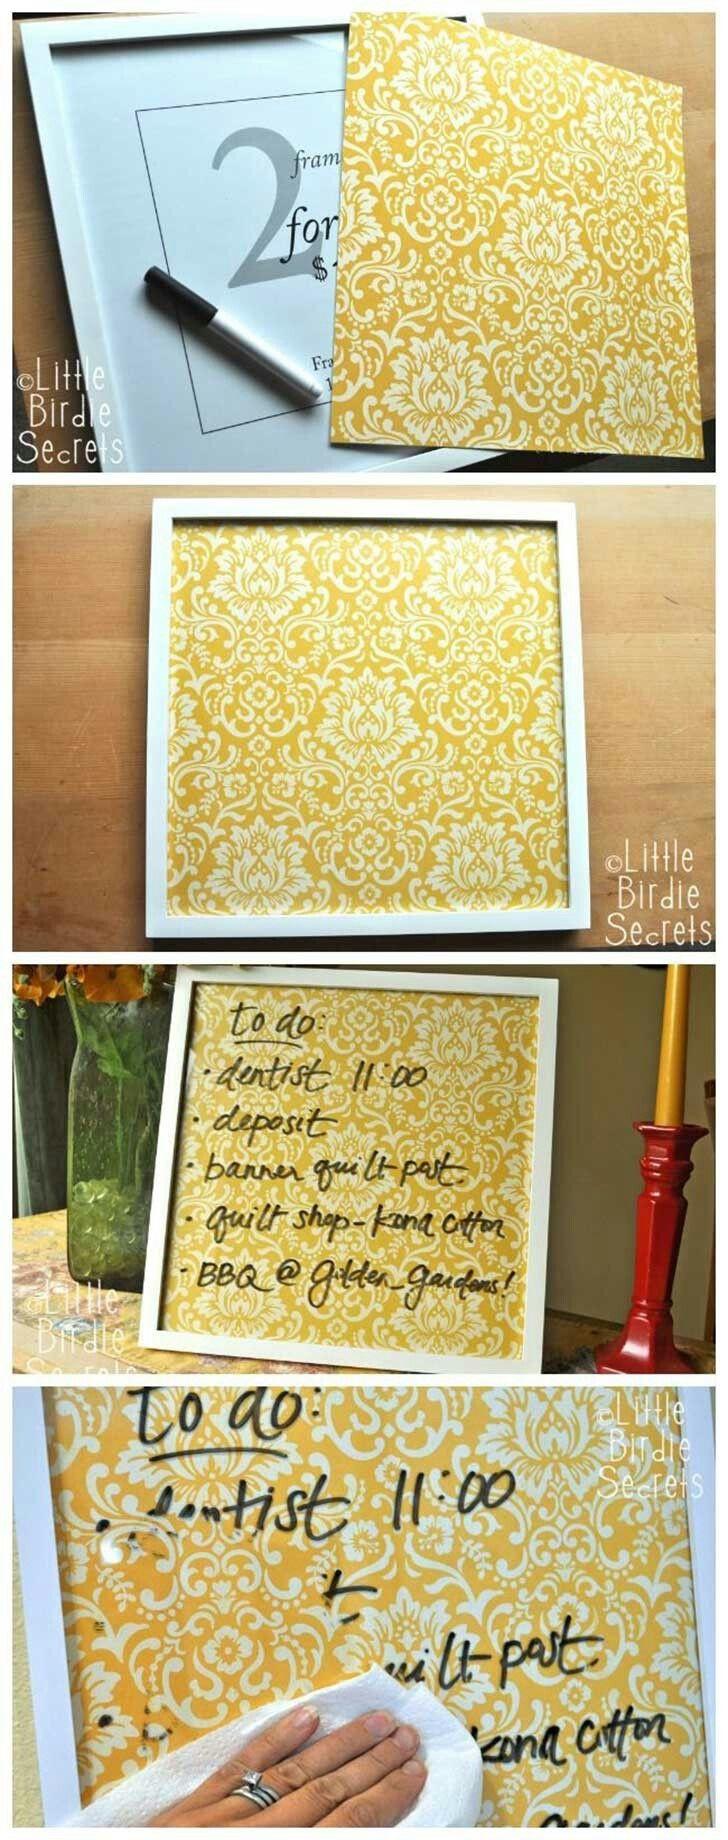 Pin by Cindy Mitze on Kitchen Storage Ideas | Pinterest | Storage ...